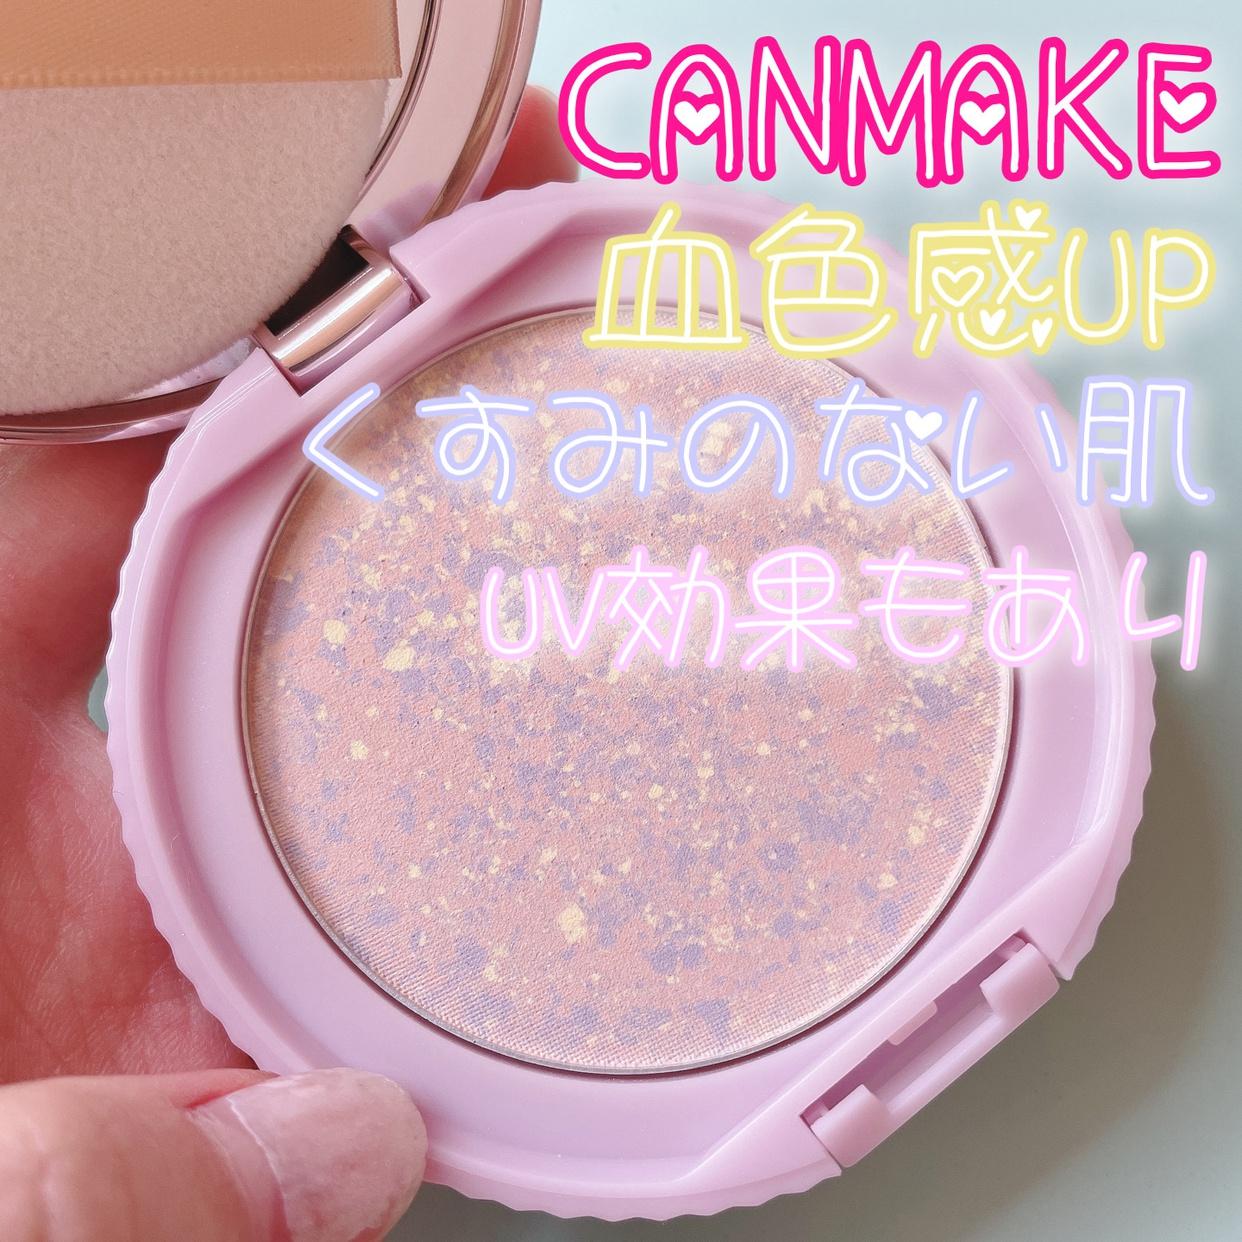 CANMAKE(キャンメイク)トランスペアレントフィニッシュパウダーを使ったさーなさんのクチコミ画像1